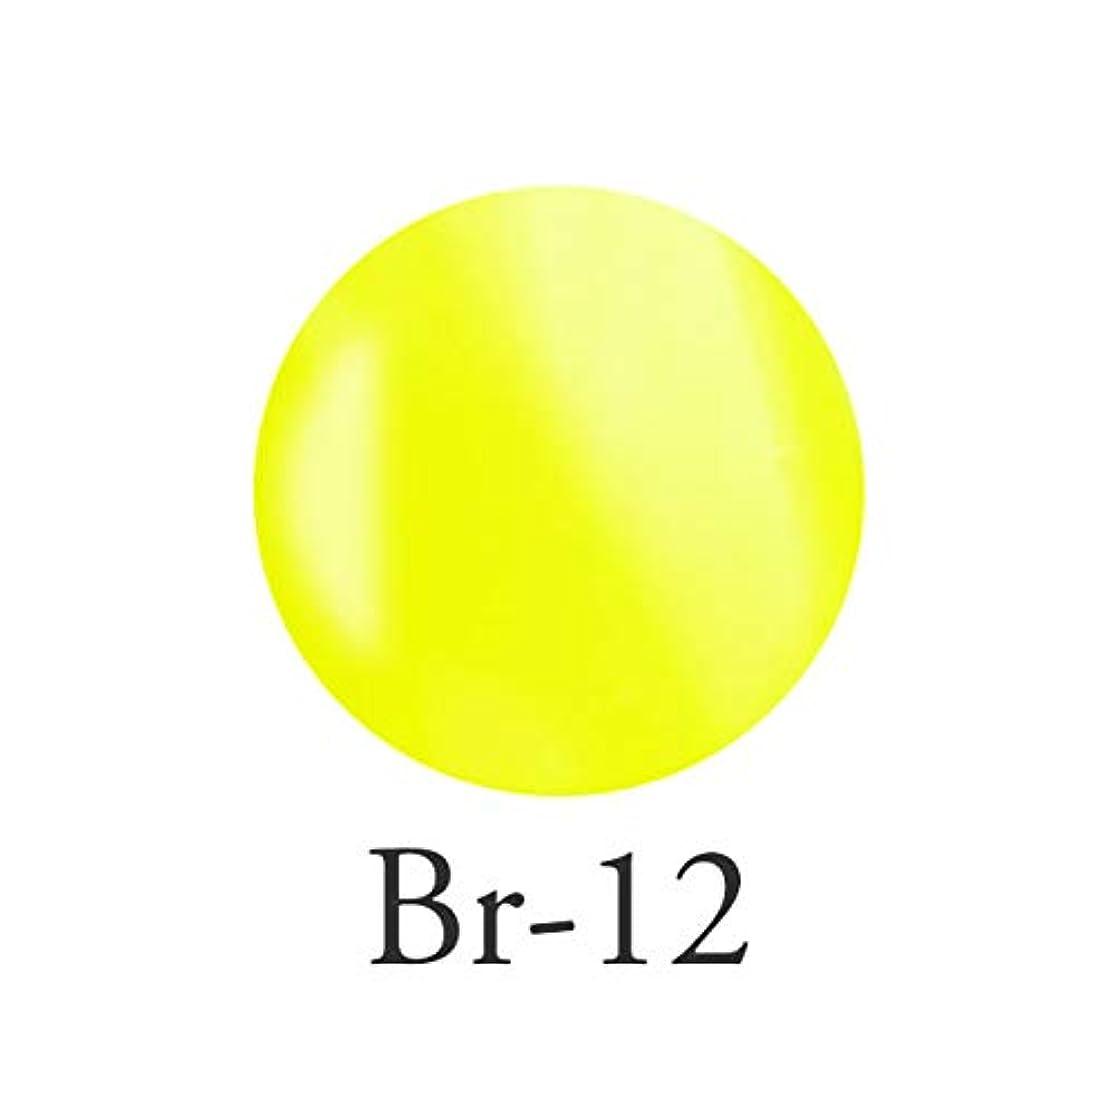 霊見せます十分ですエンジェル クィーンカラージェル オデットイエロー Br-12 3g